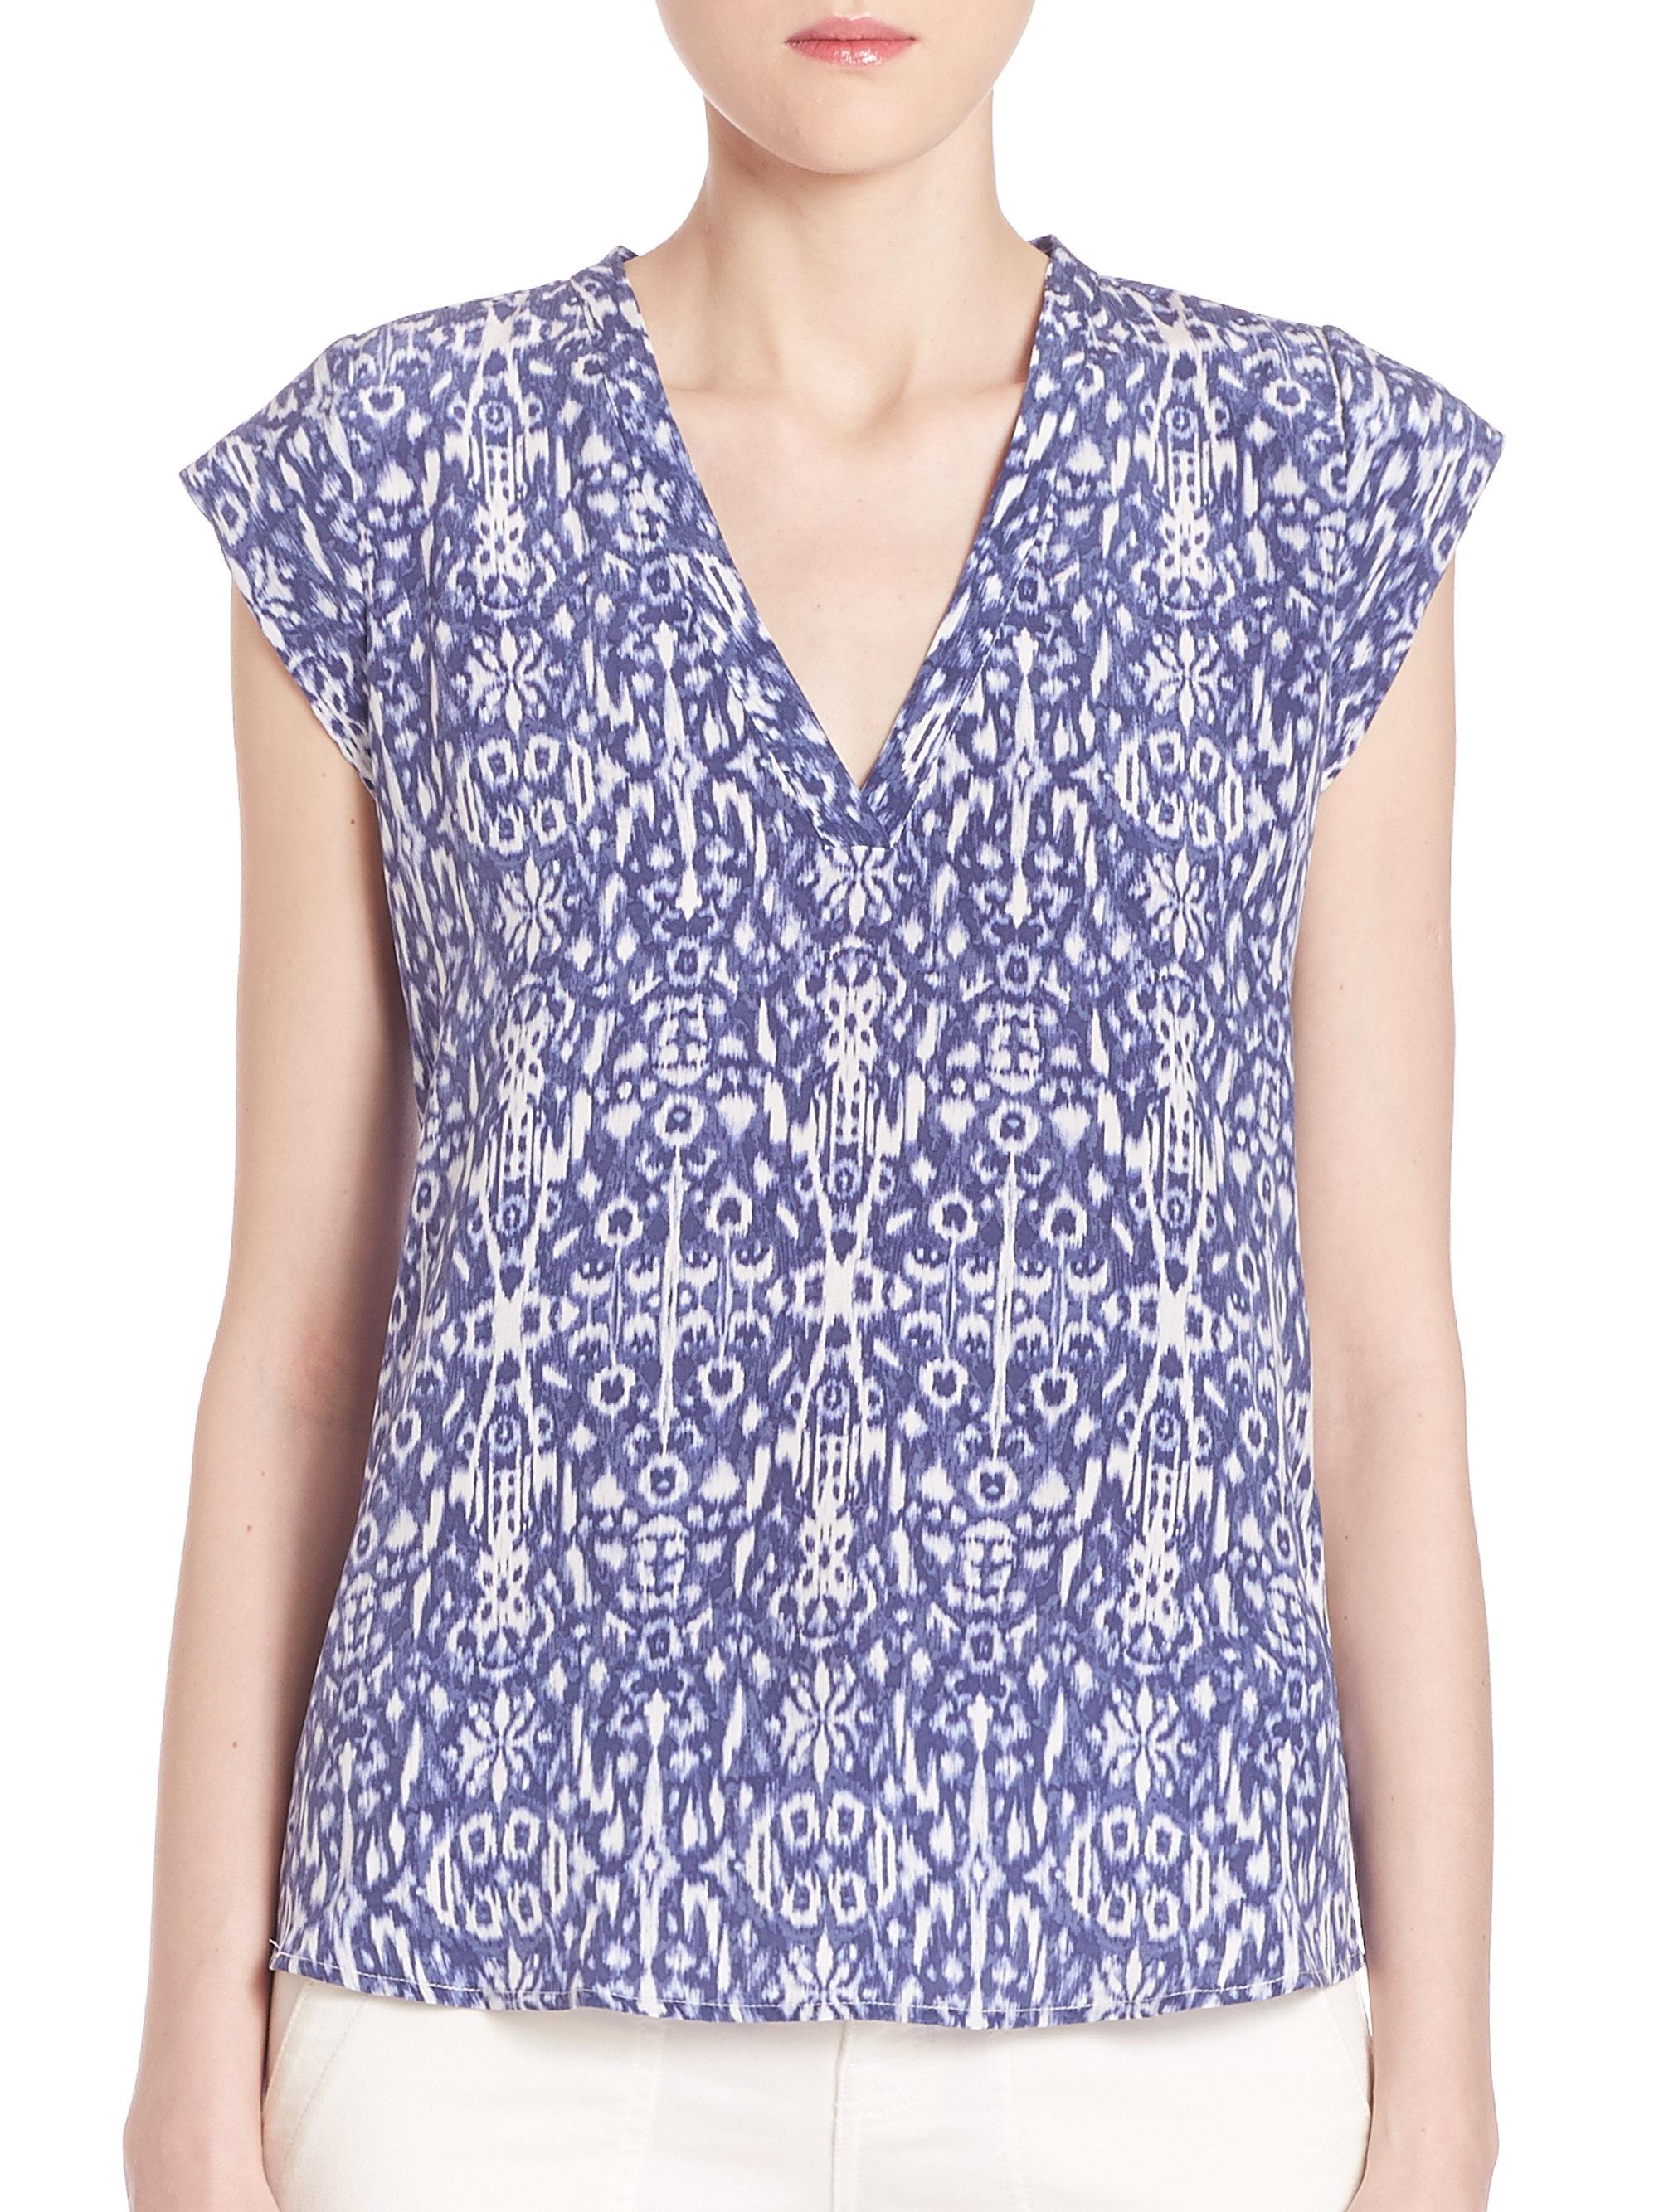 05dc3a0dfc3ea9 Lyst - Joie Rubina Ikat-print Silk Top